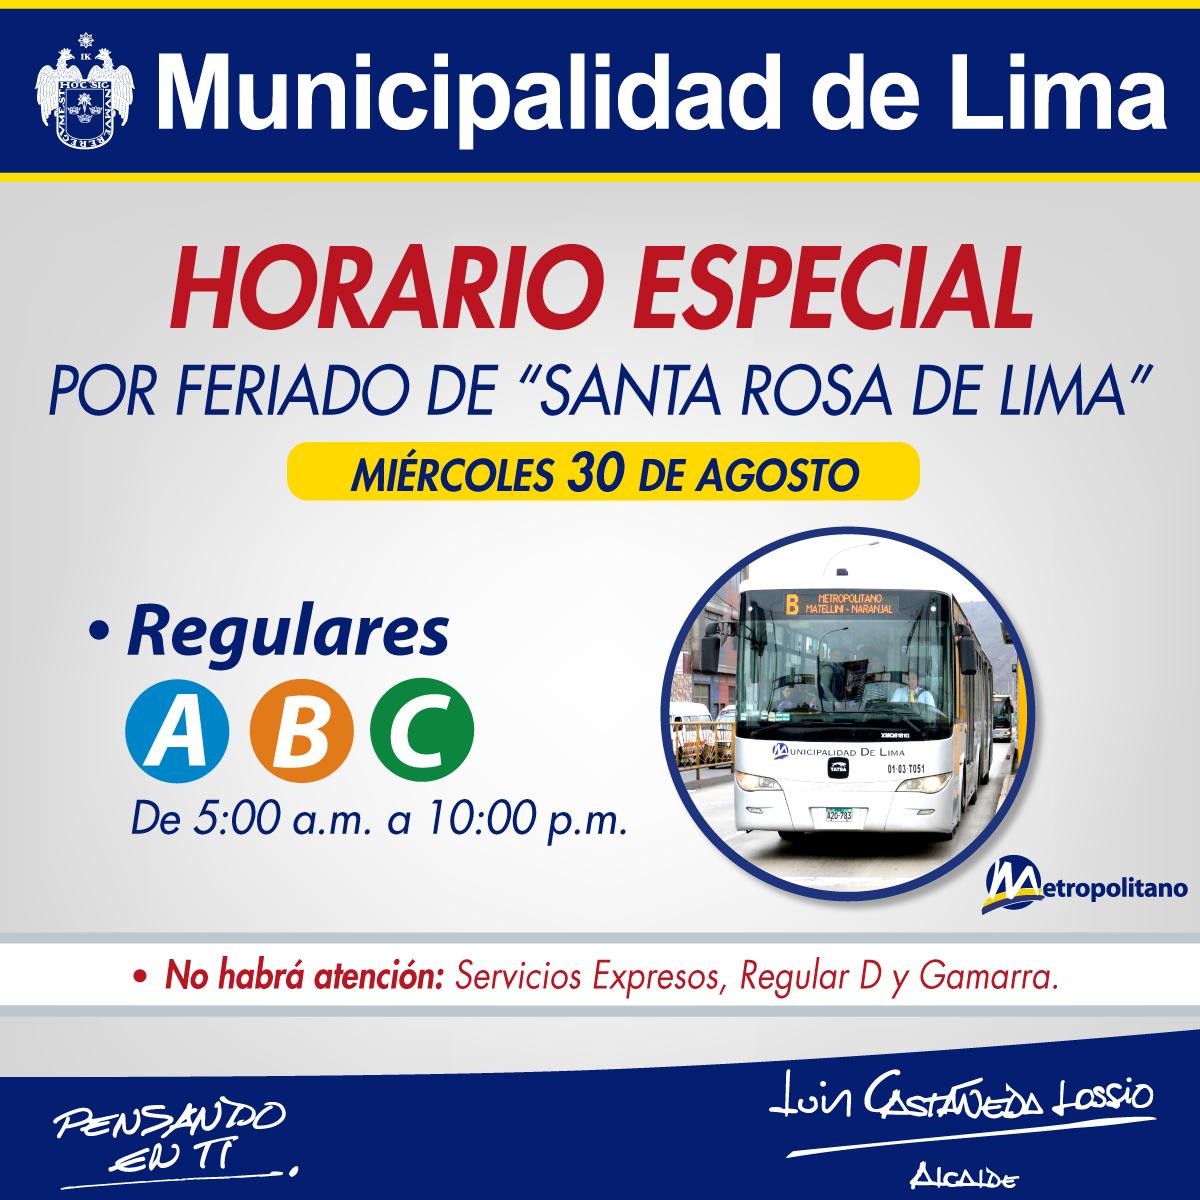 HORARIO-ESPECIAL-FERIADO